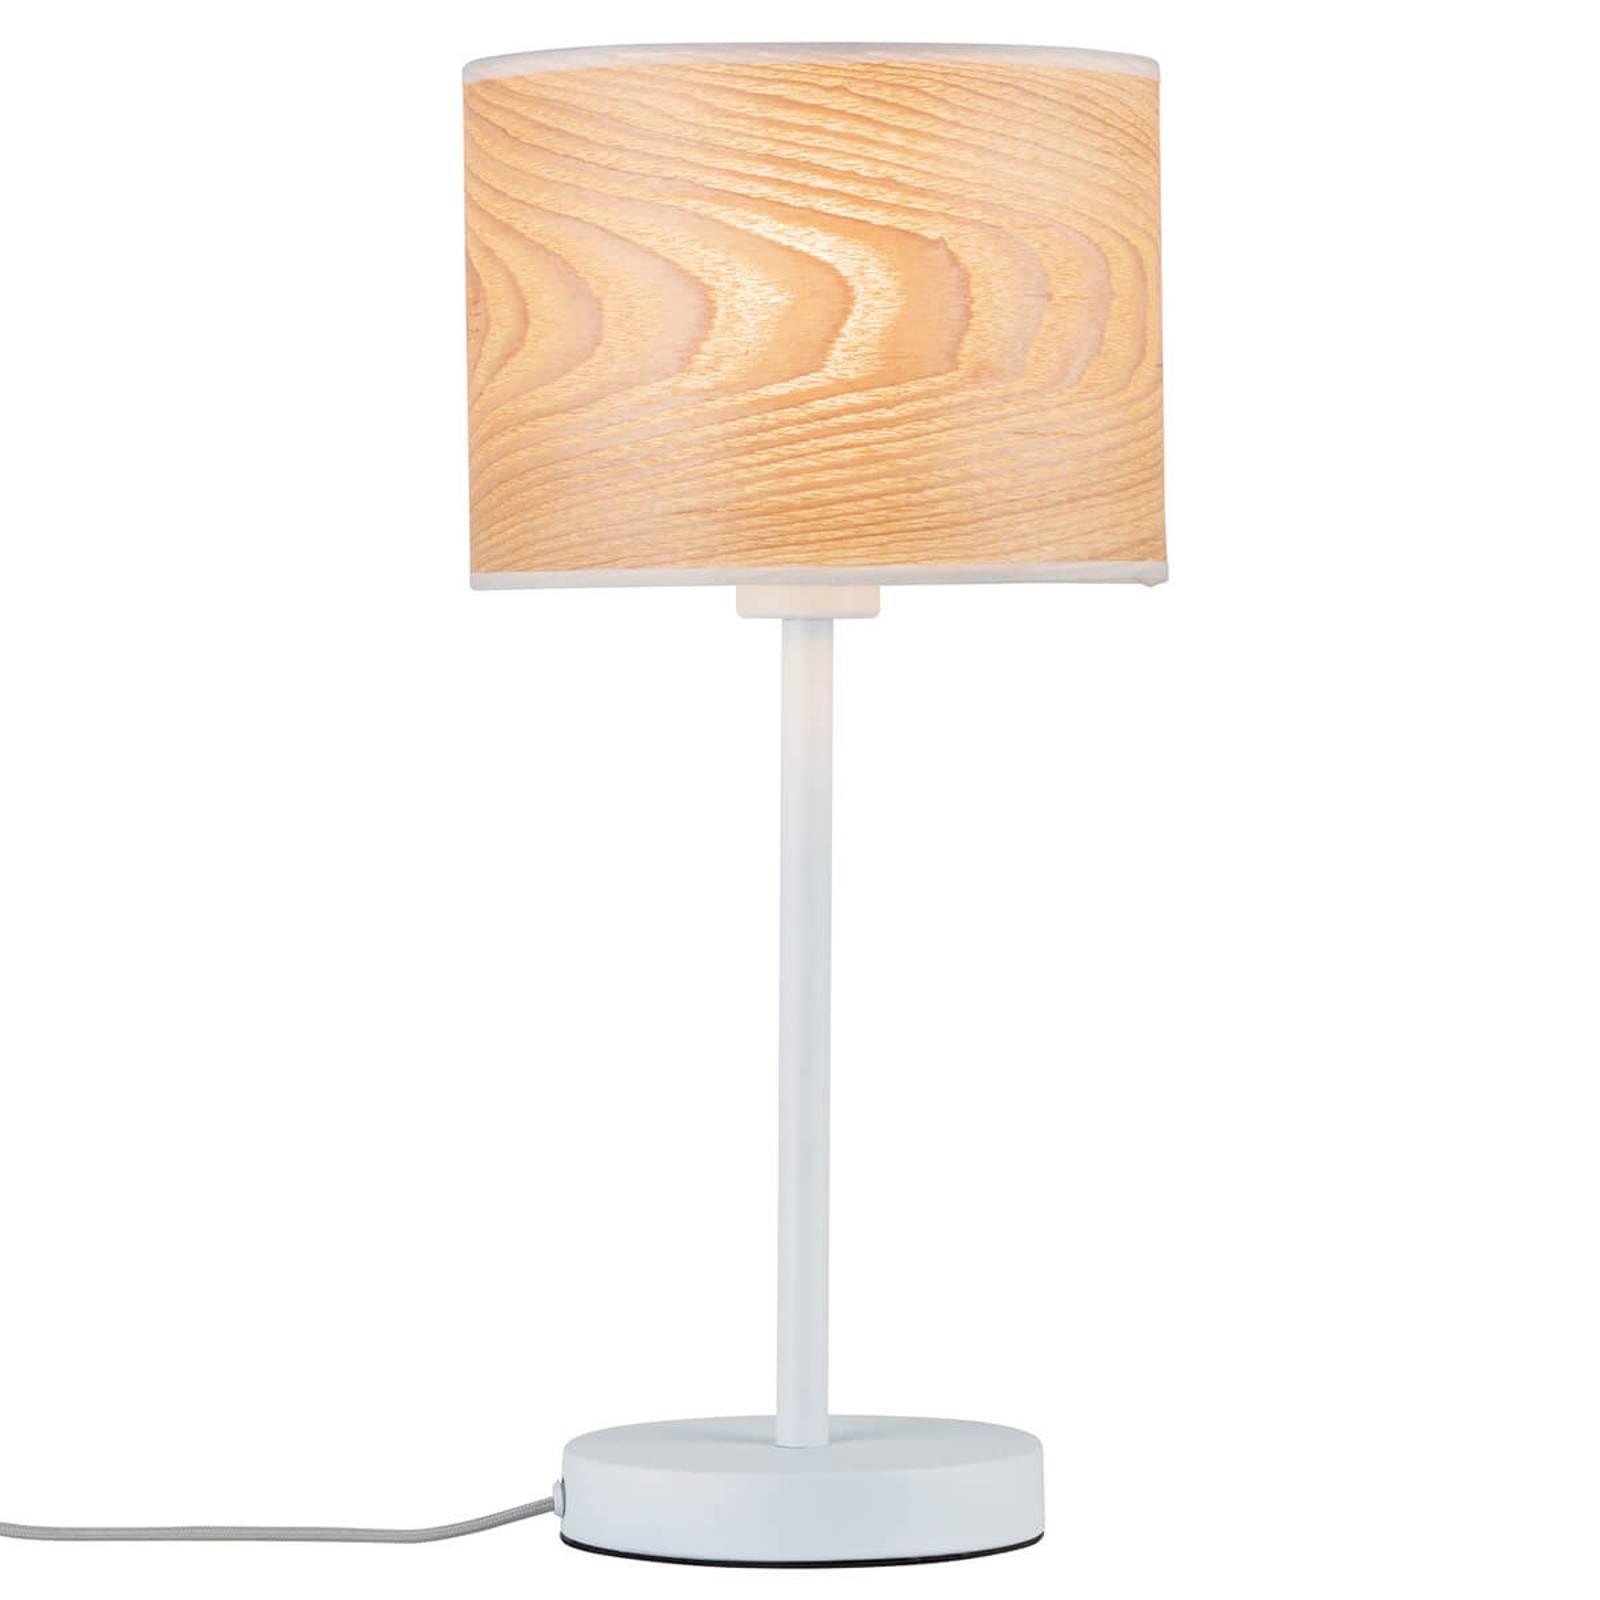 Et ekte naturprodukt - bordlampe Neta i tre